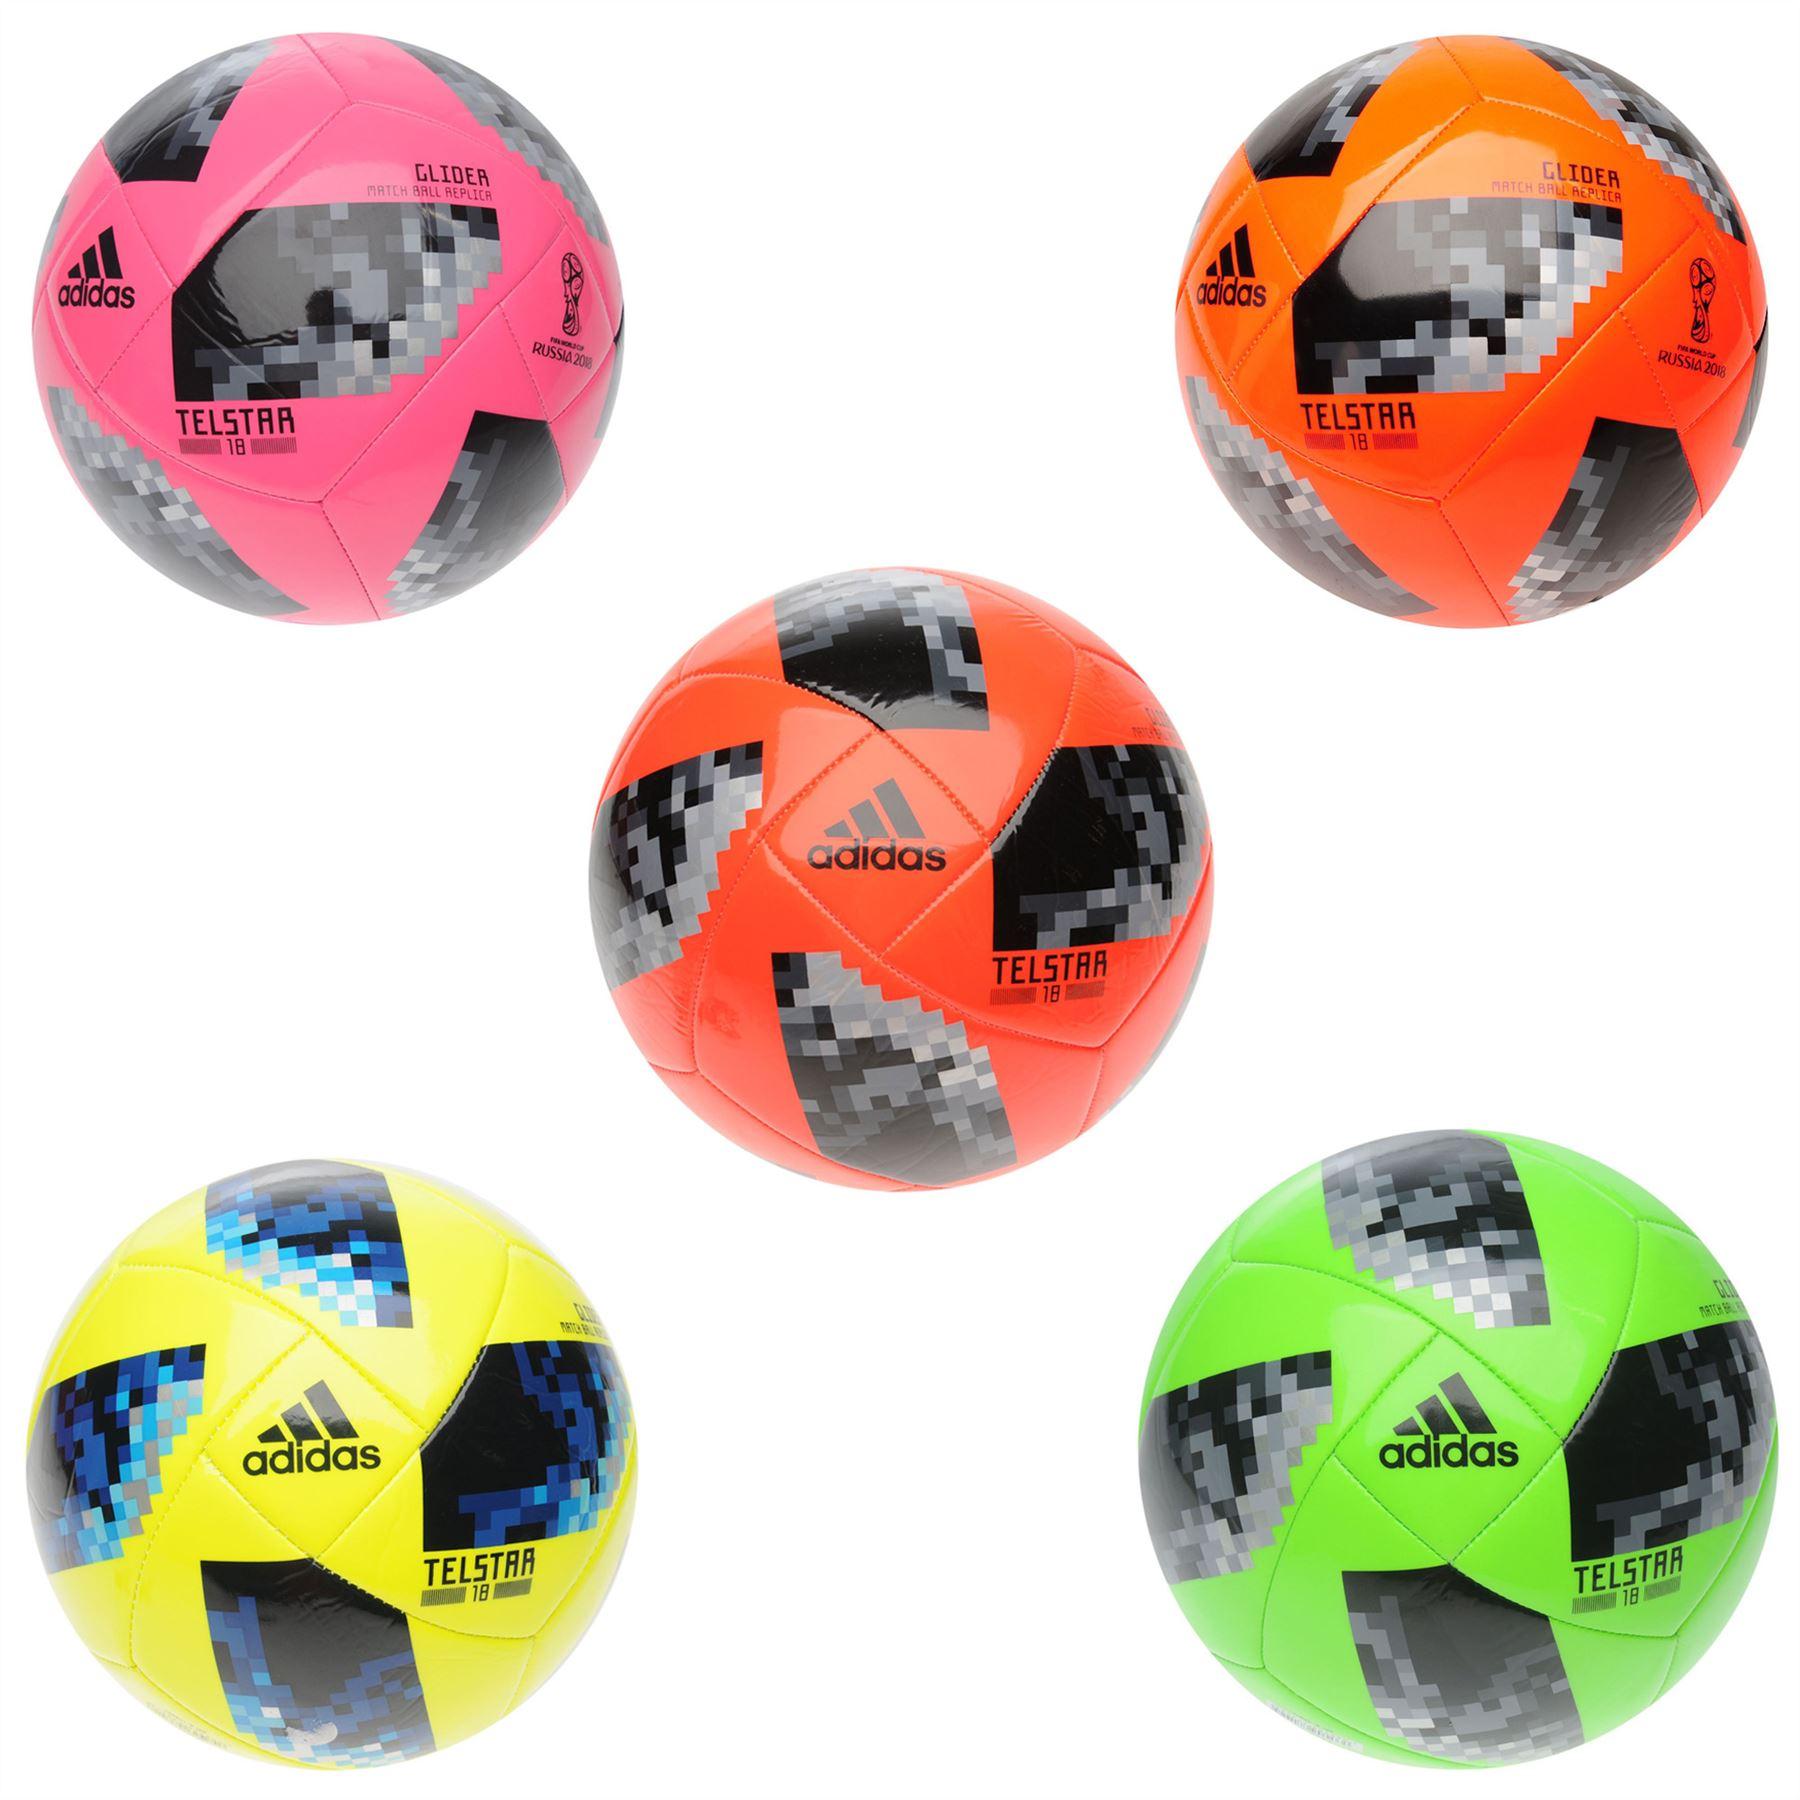 ... Adidas World Cup Rusia 2018 Telstar planeador fútbol balón de fútbol ... 39acceb53b647